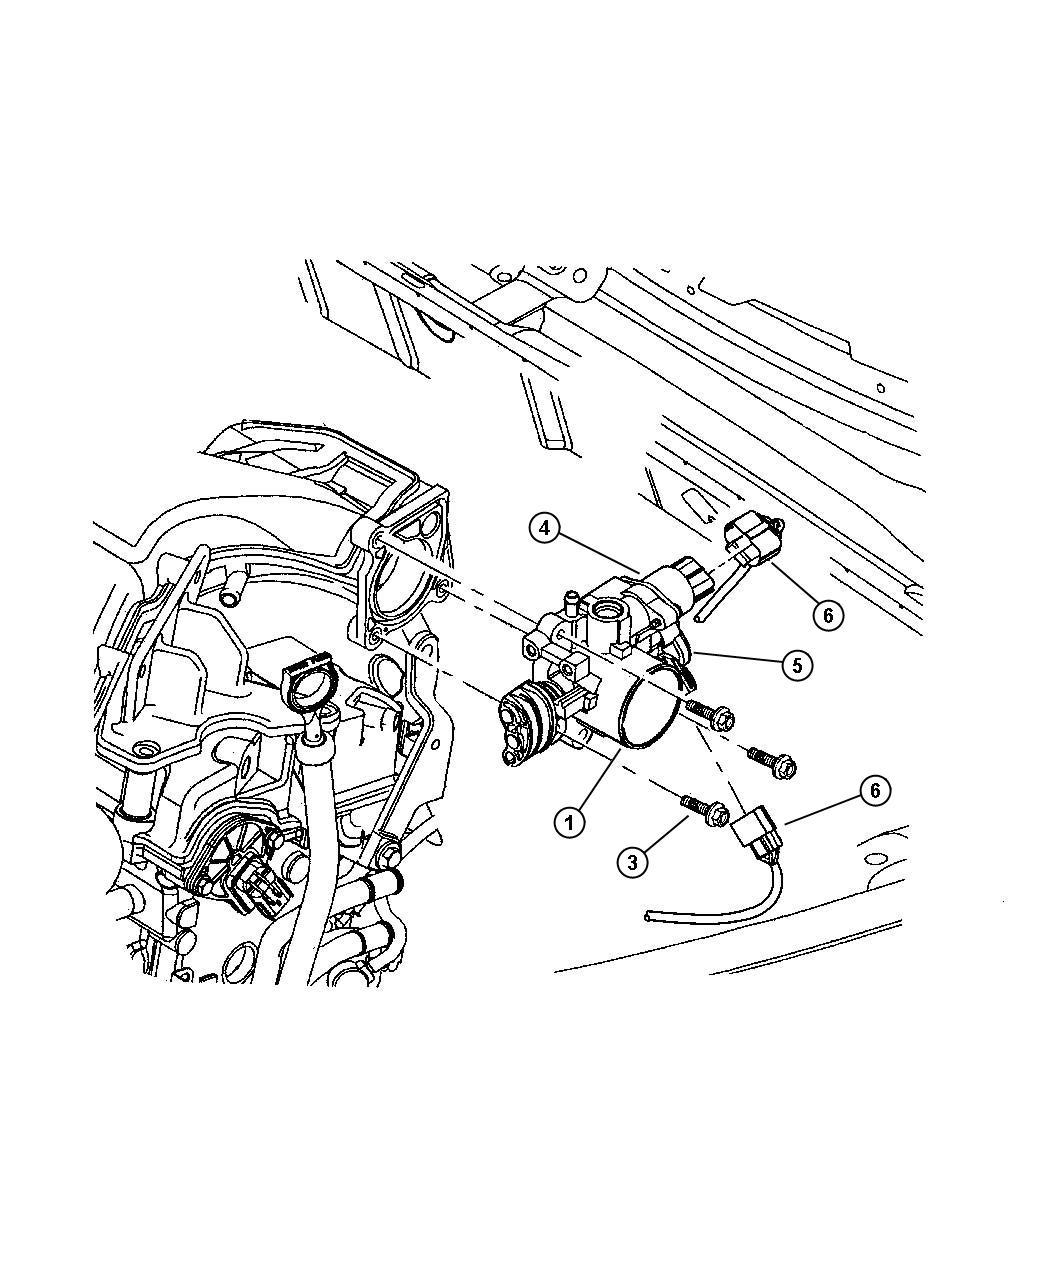 Chrysler Sebring Motor Throttle Body A I S Air